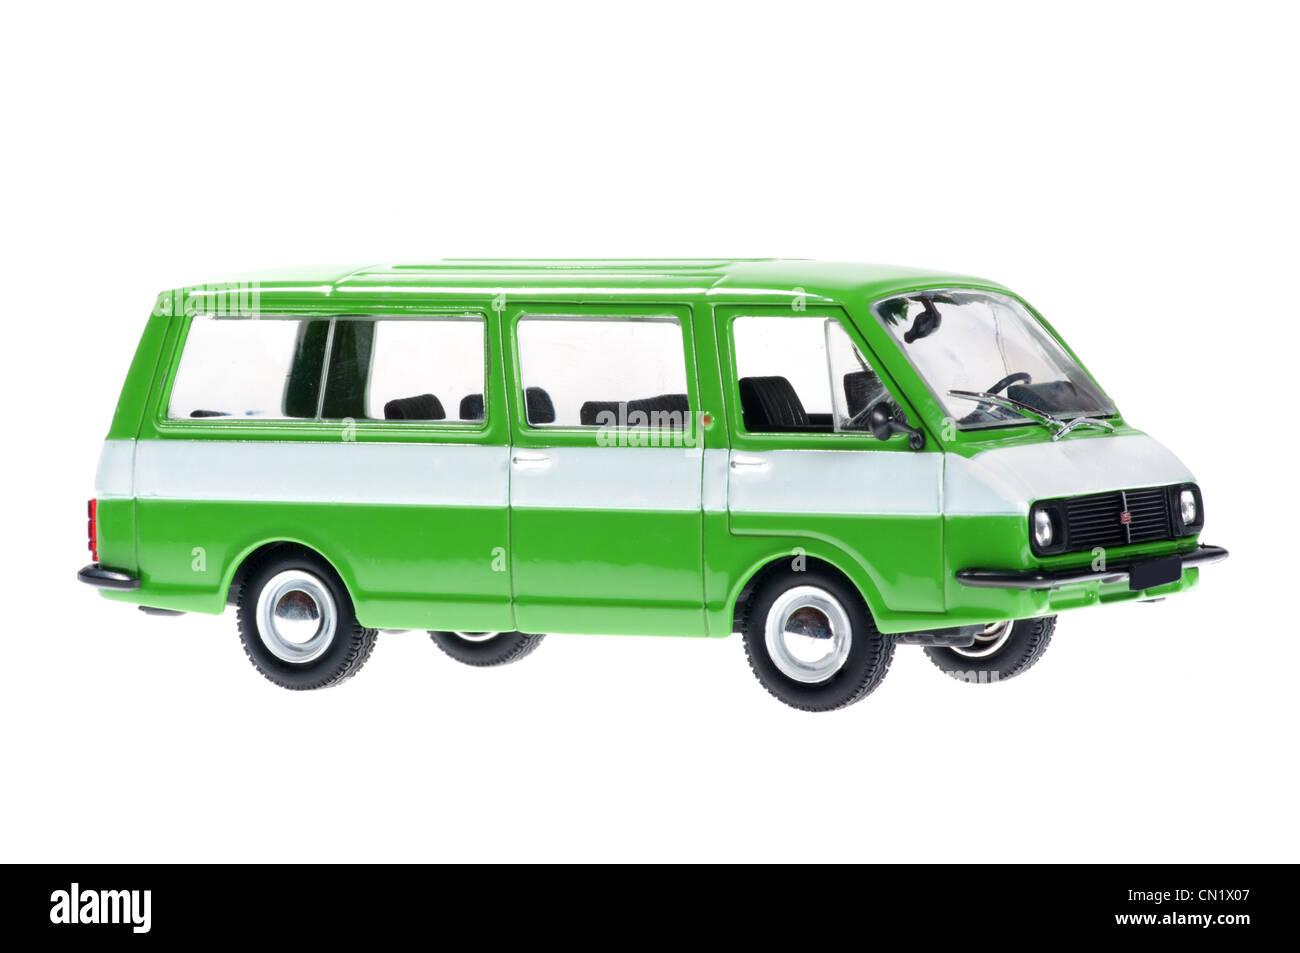 Lativia old minibus on white background. - Stock Image